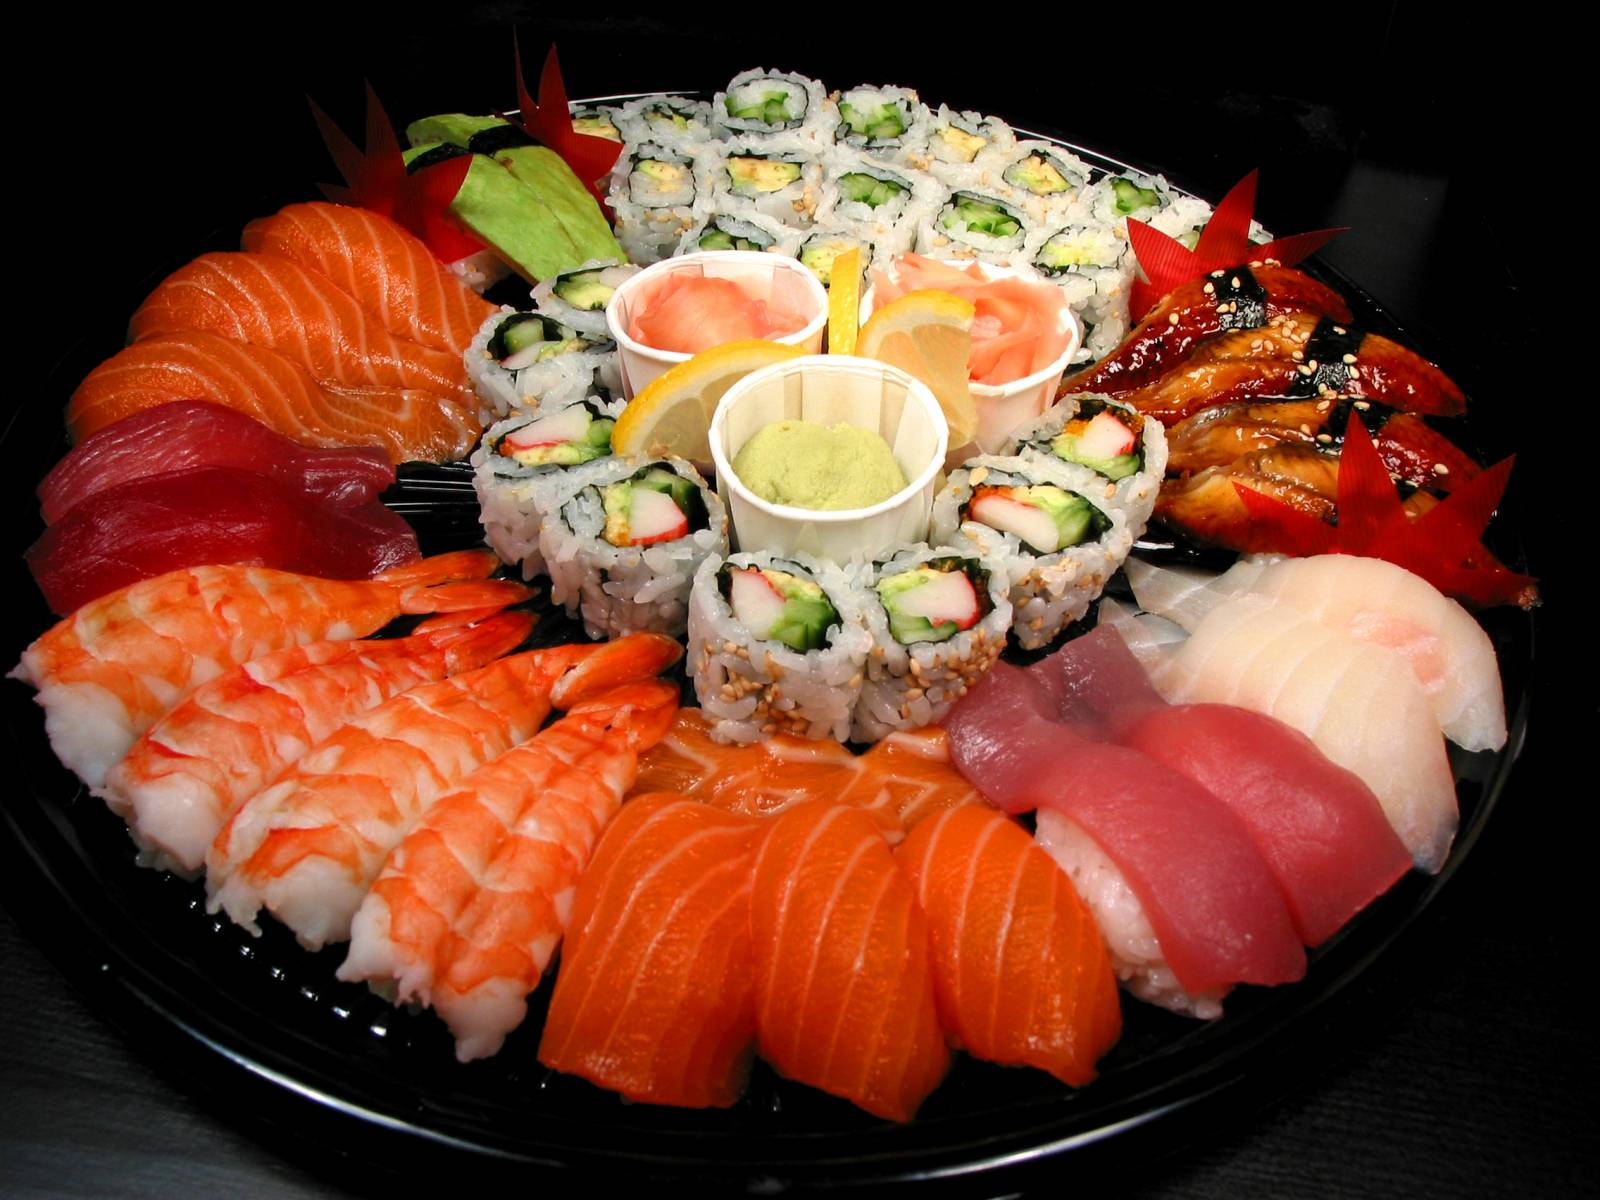 Фото суши роллы и пиво - 148e